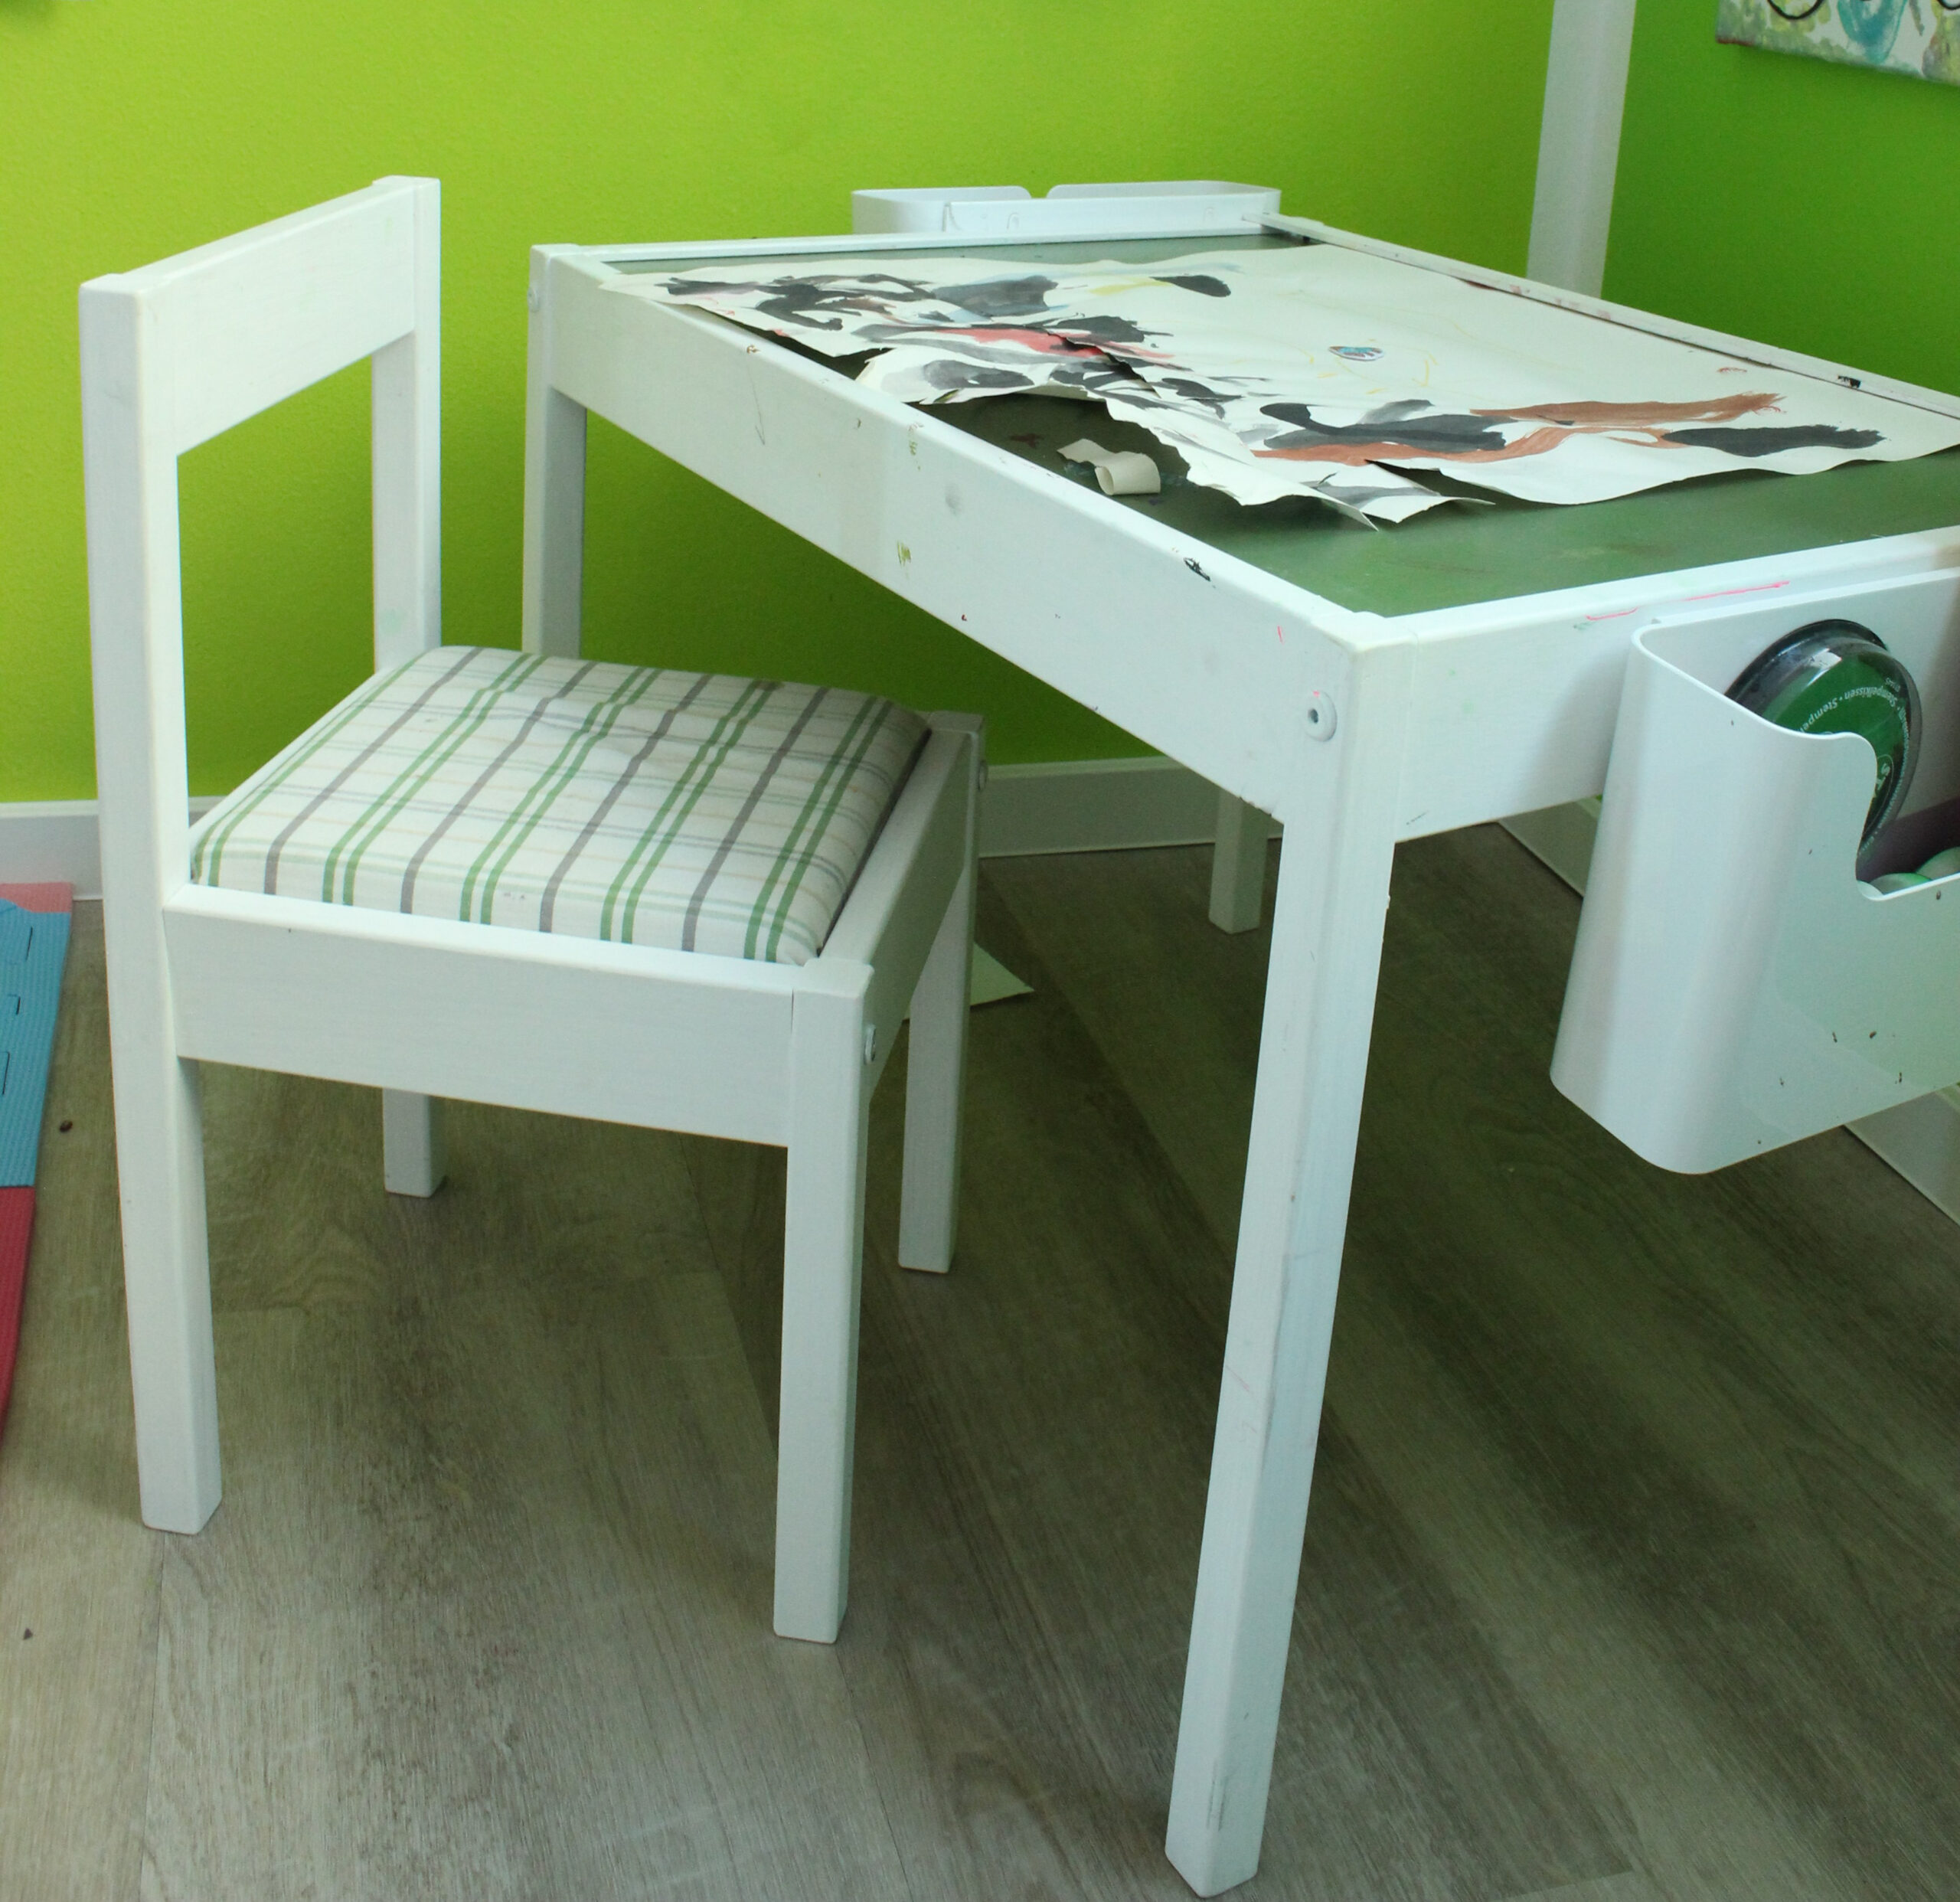 Full Size of Ikea Hacks Aufbewahrung Diy Kreativ Malecke Im Kinderzimmer Noch So Ne Mutti Mamablog Betten 160x200 Bei Küche Kaufen Kosten Modulküche Sofa Mit Wohnzimmer Ikea Hacks Aufbewahrung